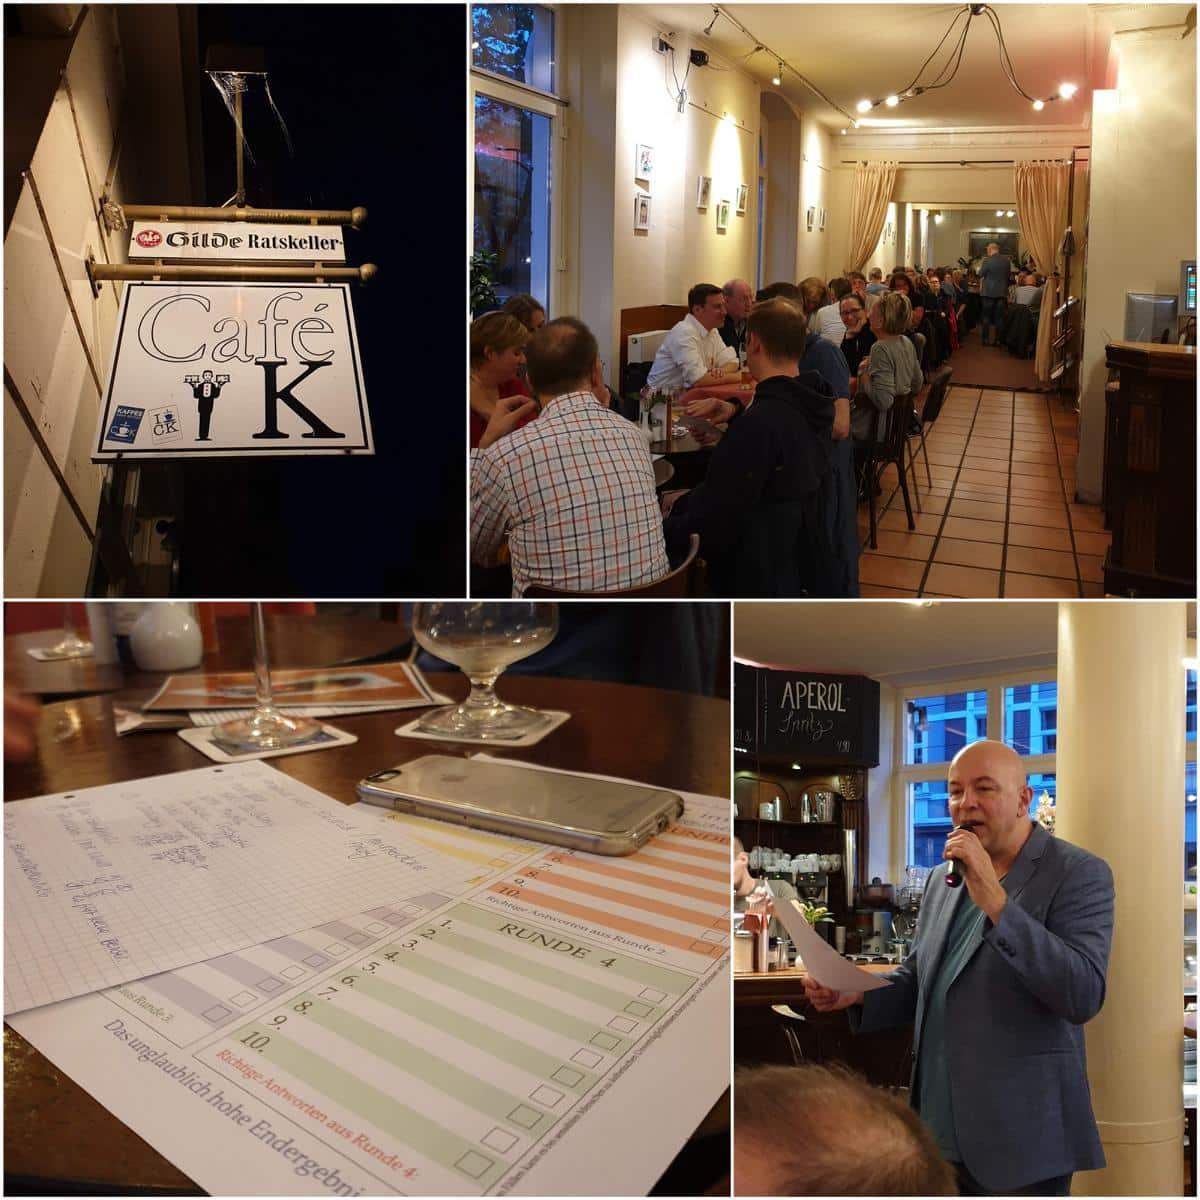 Style Hannover Café K Ralf Schnoor Collage - Ralf Schnoor – Konditormeister und Showmaster